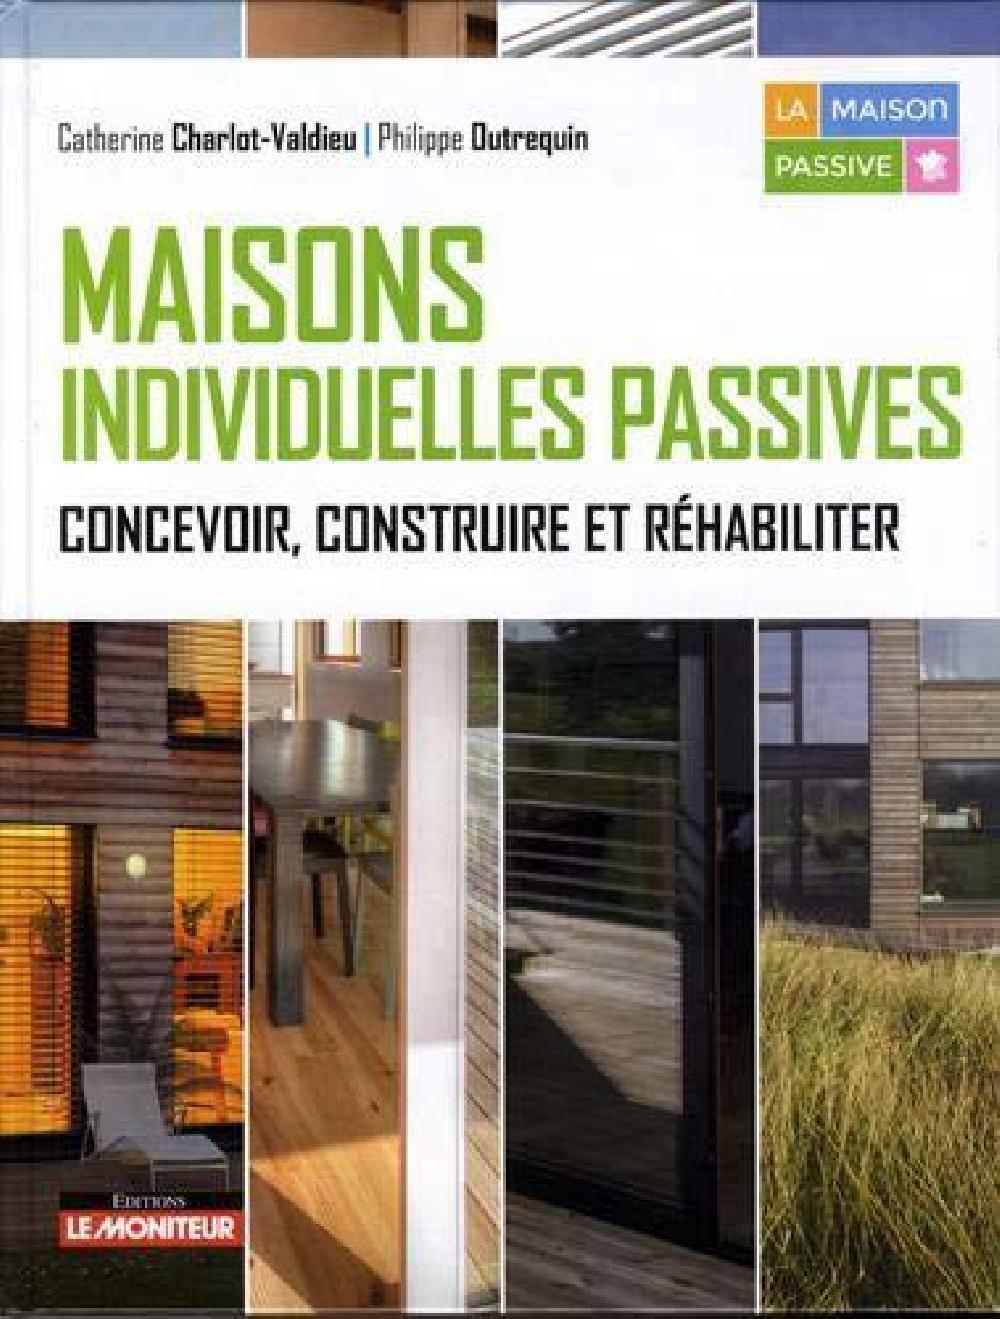 Maisons individuelles passives - Concevoir, construire et réhabiliter